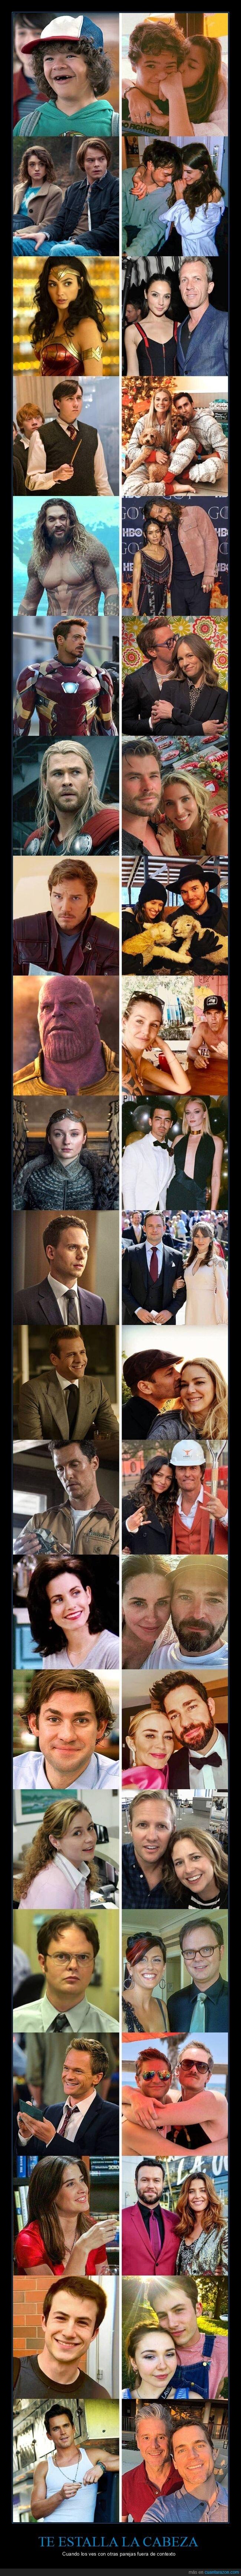 famosos,fuera del contexto,parejas